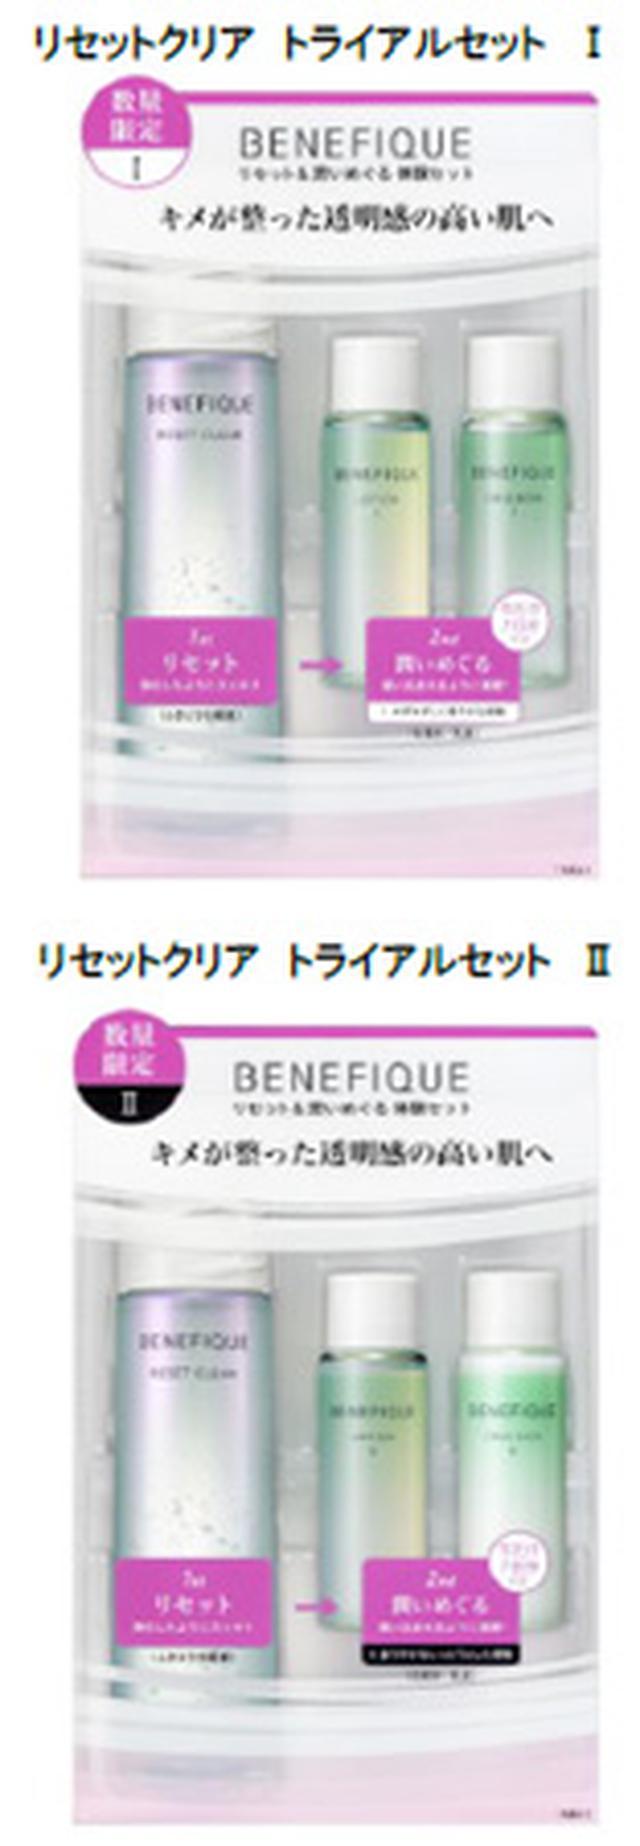 画像1: ベネフィーク リセットクリア トライアルセット Ⅰ・Ⅱ【数量限定品】